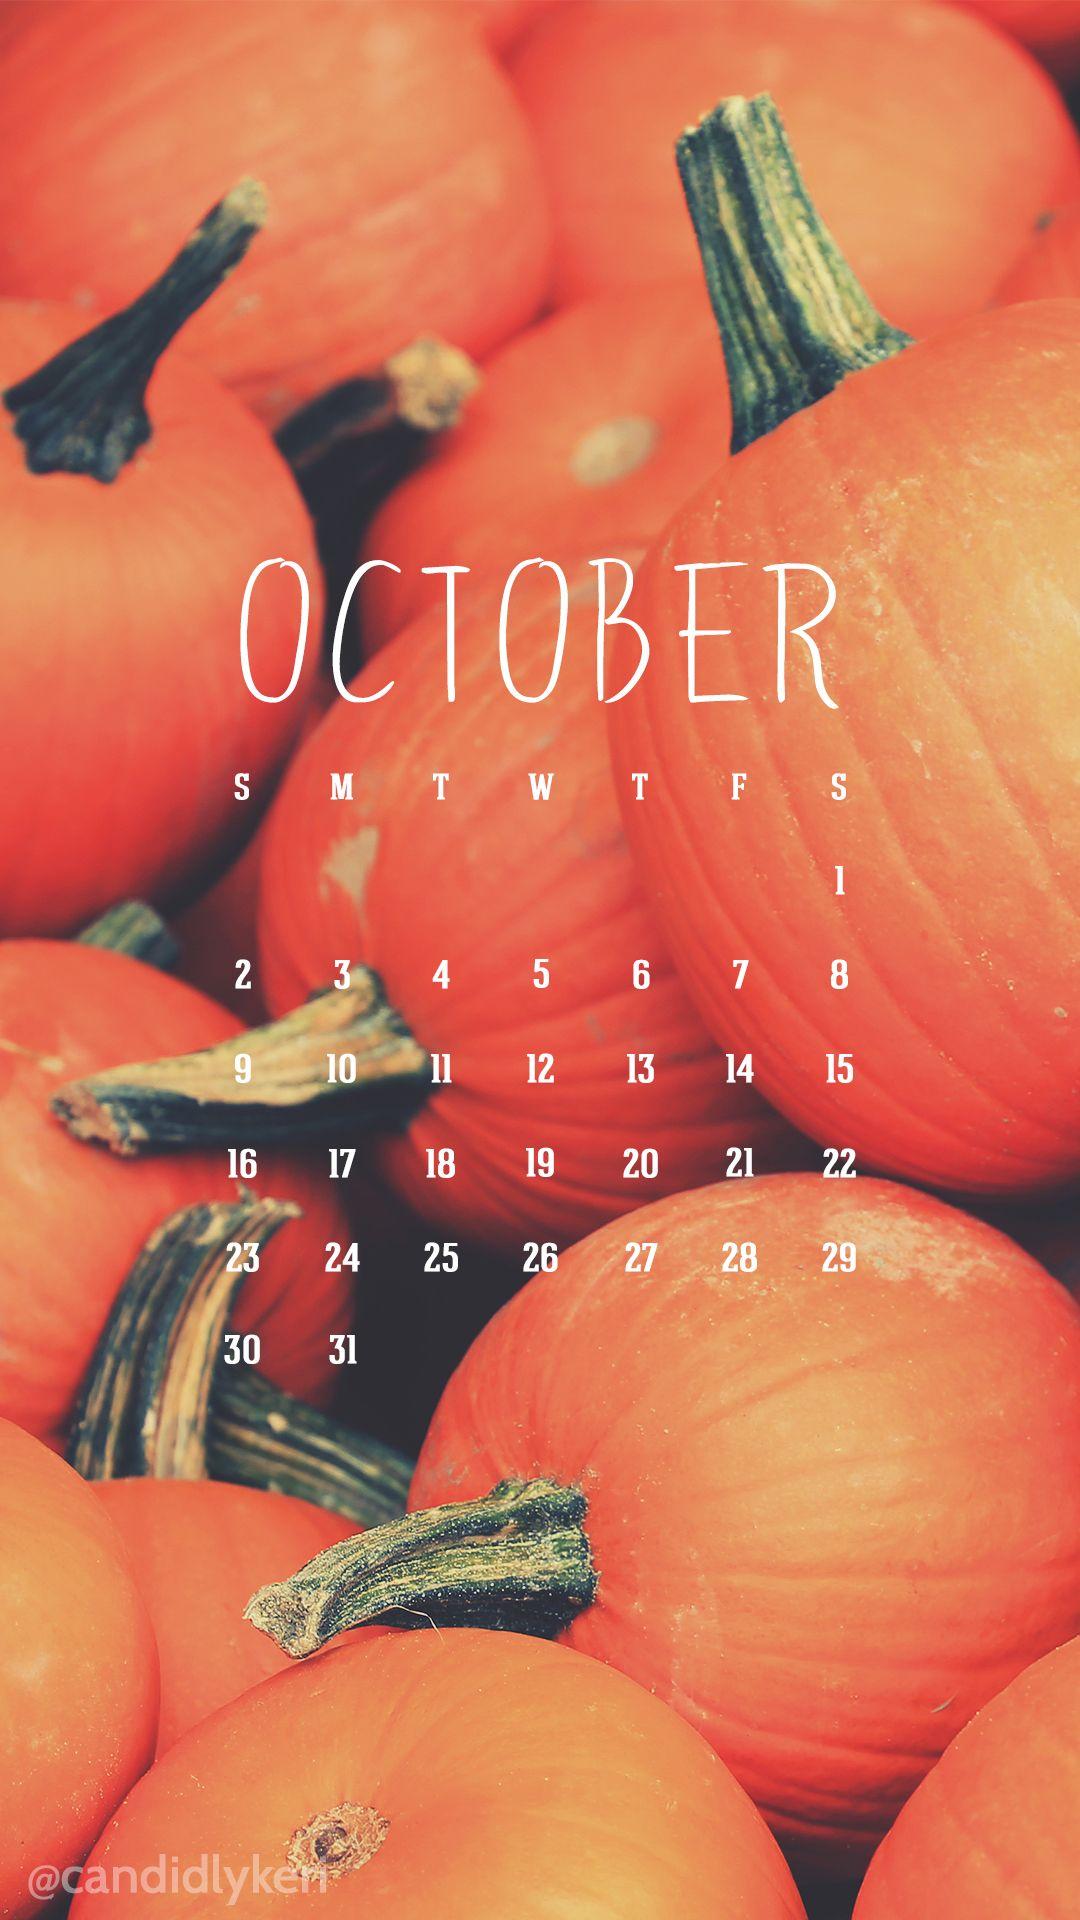 Cute pumpkin patch image October calendar 2016 wallpaper